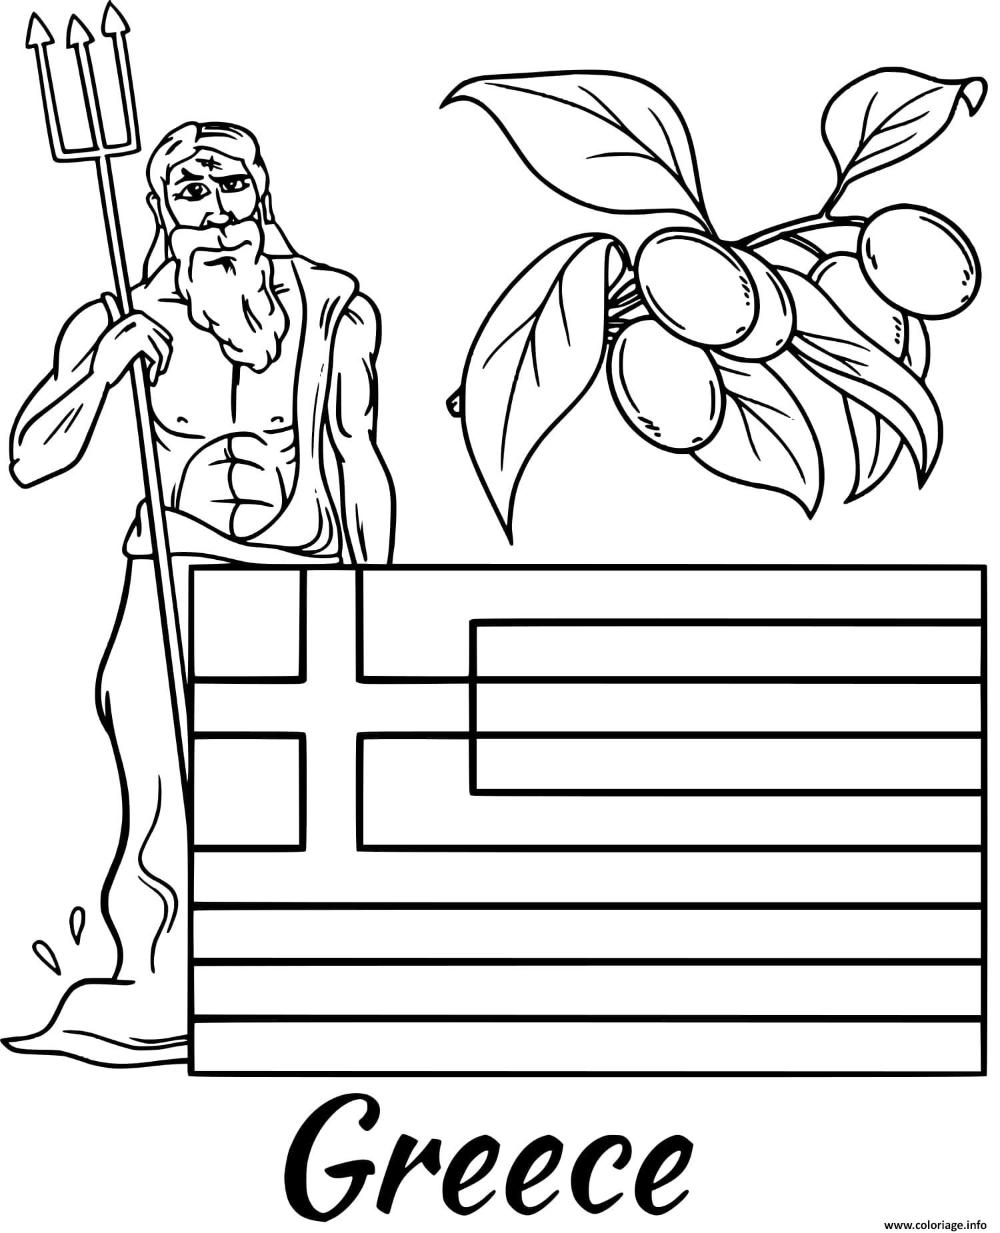 Resultats Google Recherche D Images Correspondant A Https Burlingtonjs Org Wp Content Uploads 2019 05 Coloriage Mythologi Coloriage Dessin Mythologie Grecque